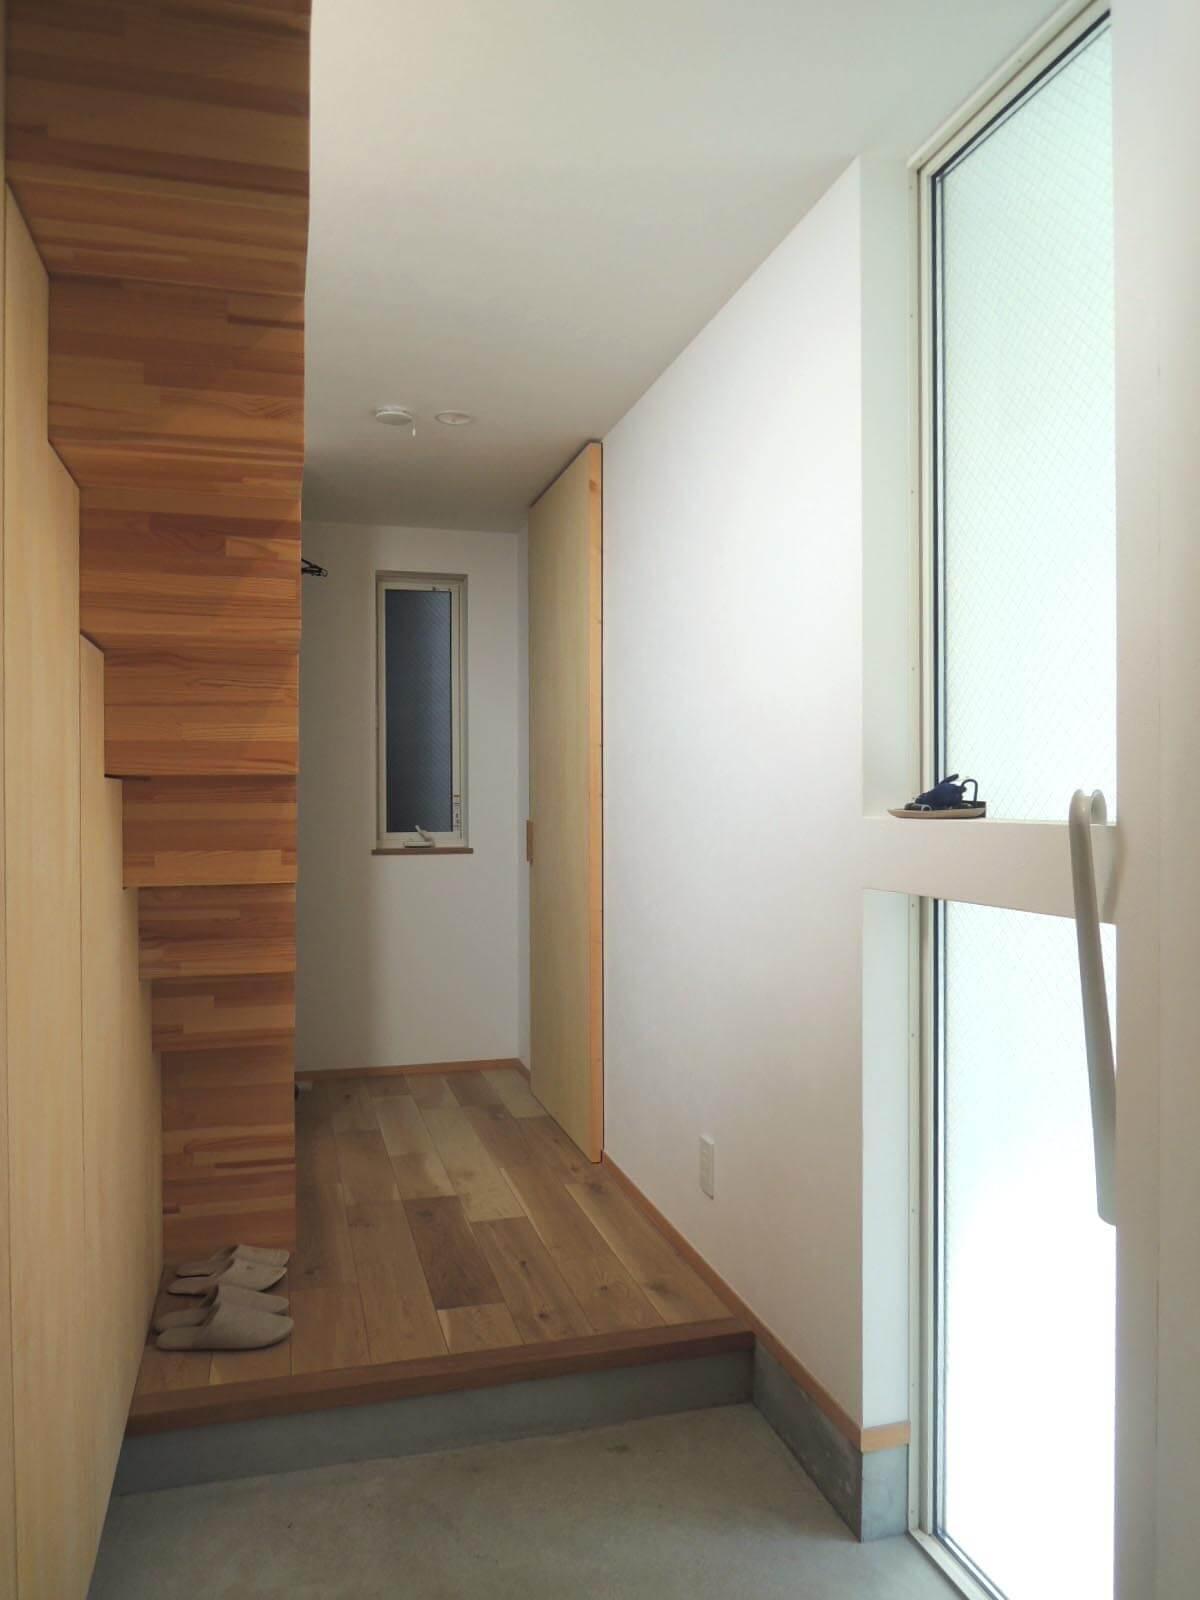 1階は玄関と水まわりのフロア。